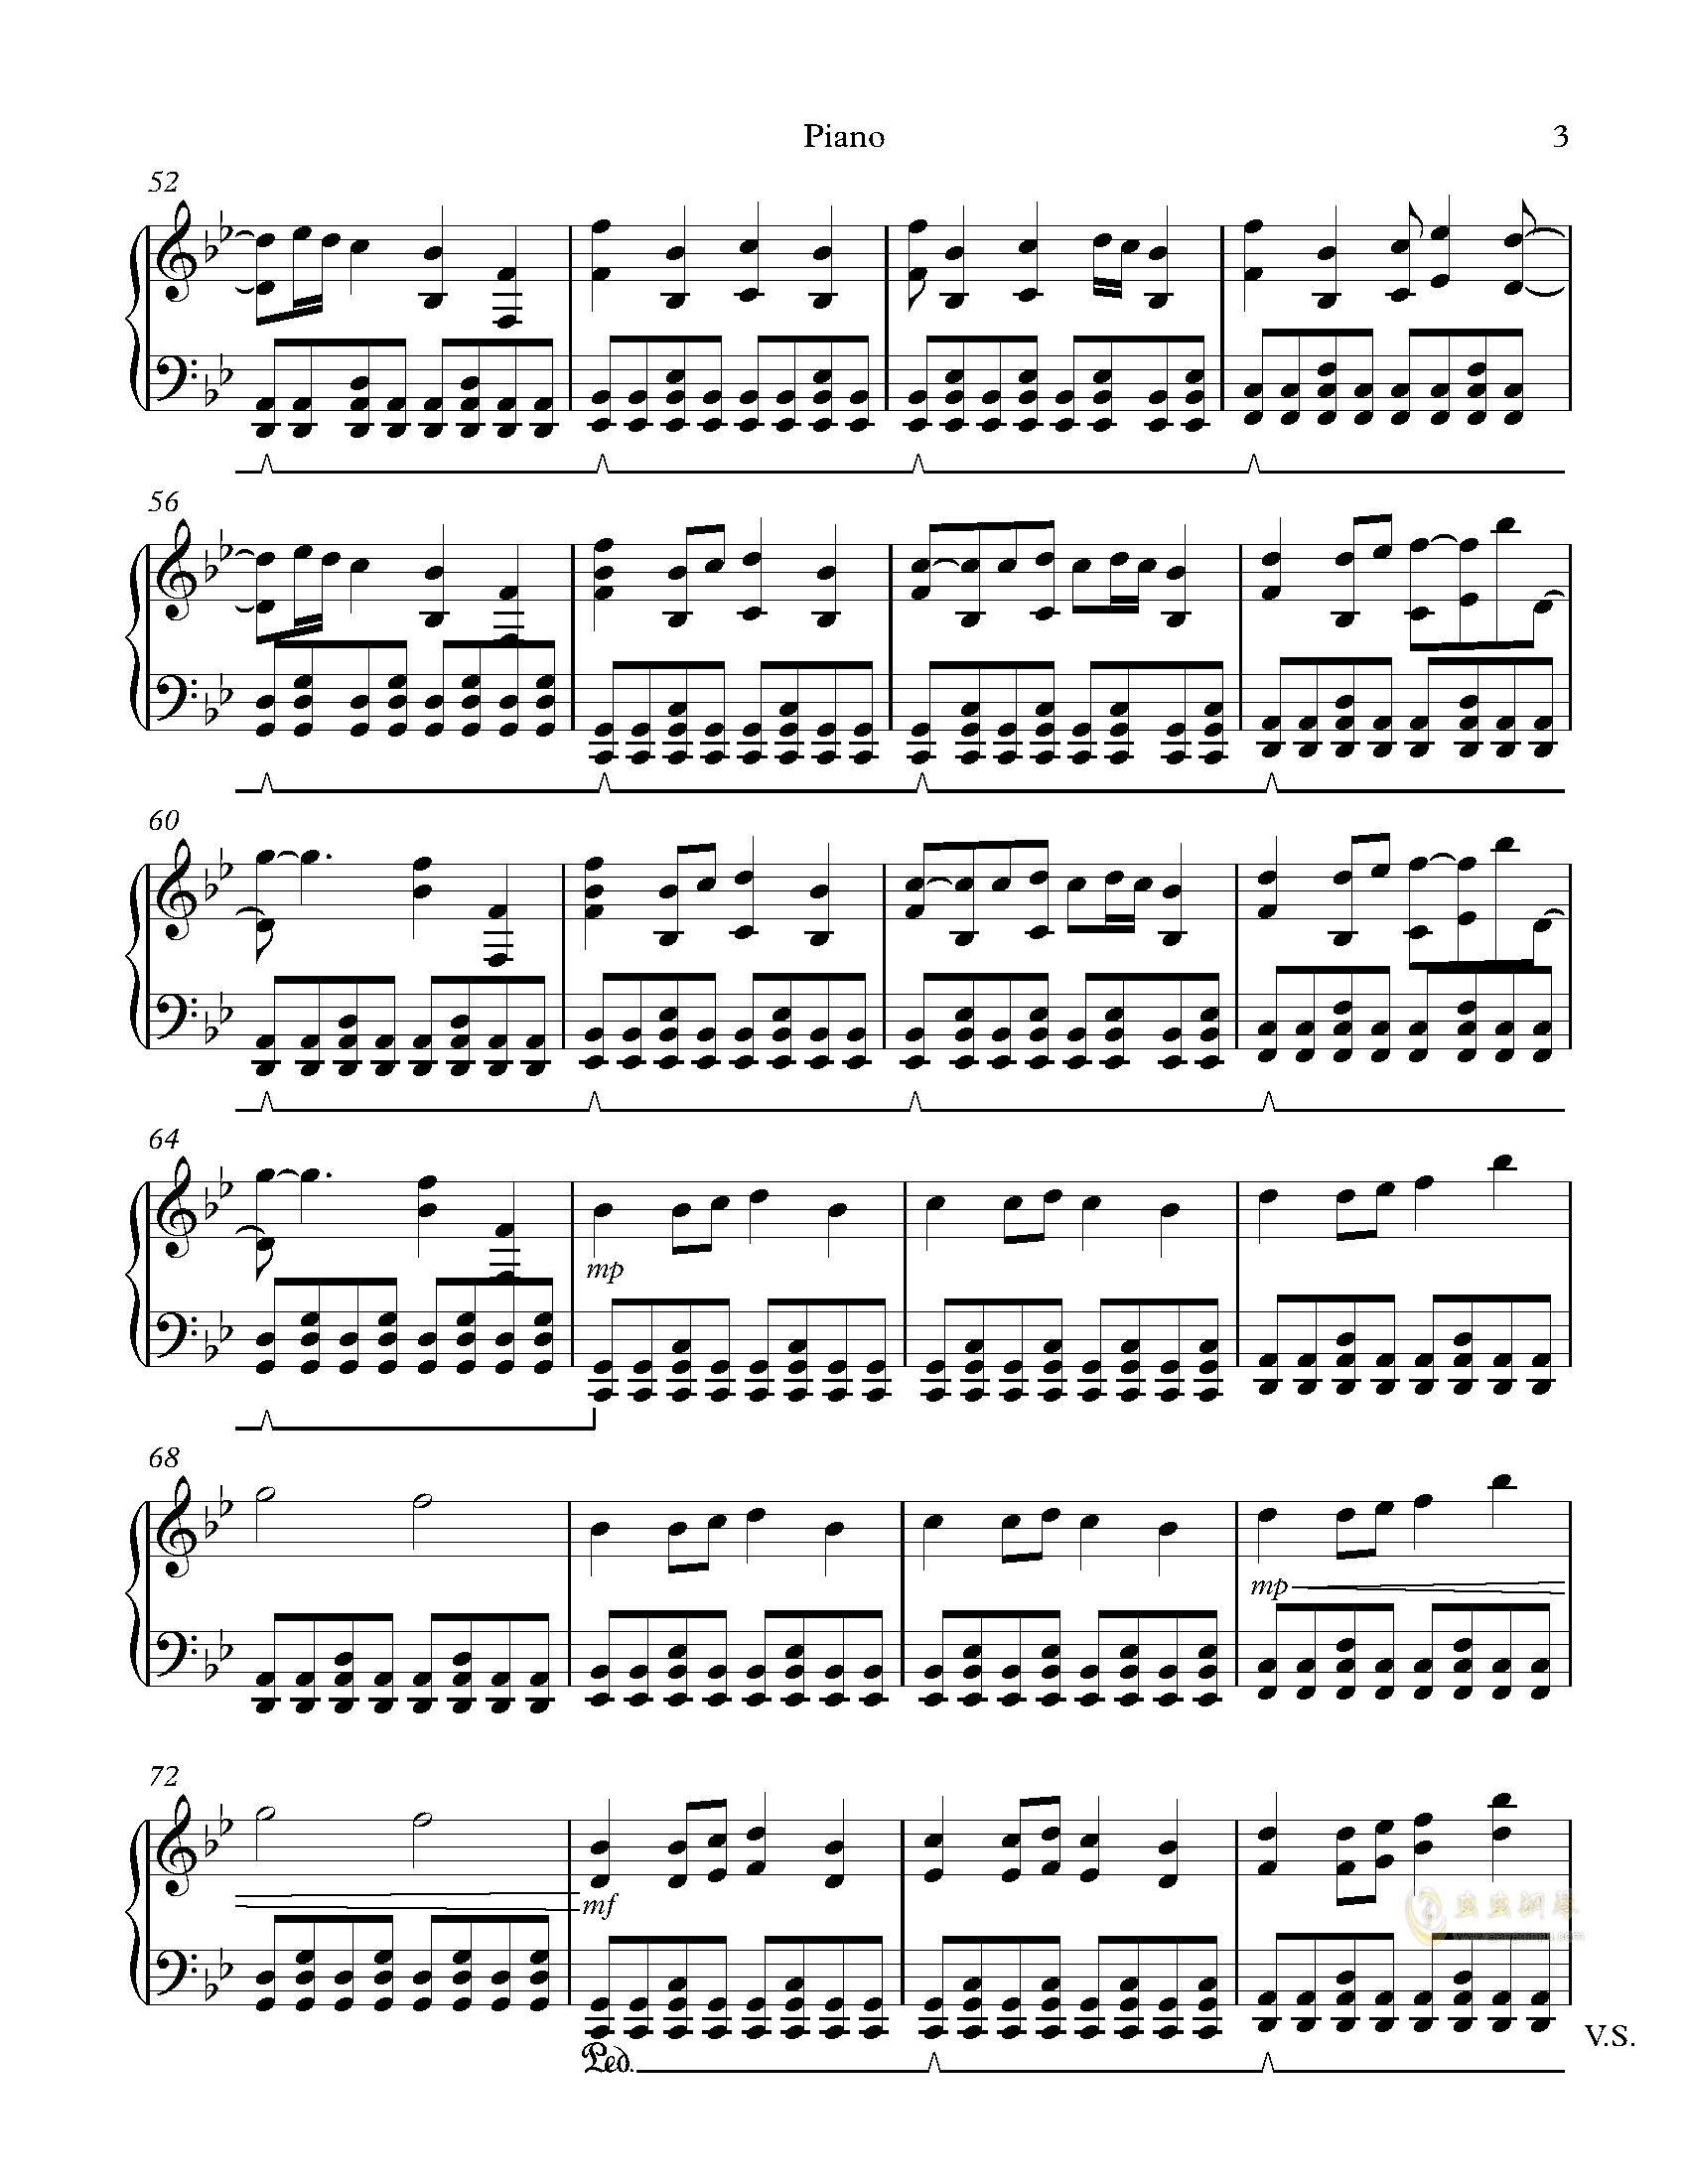 Hopes and Dreams 钢琴谱 第3页